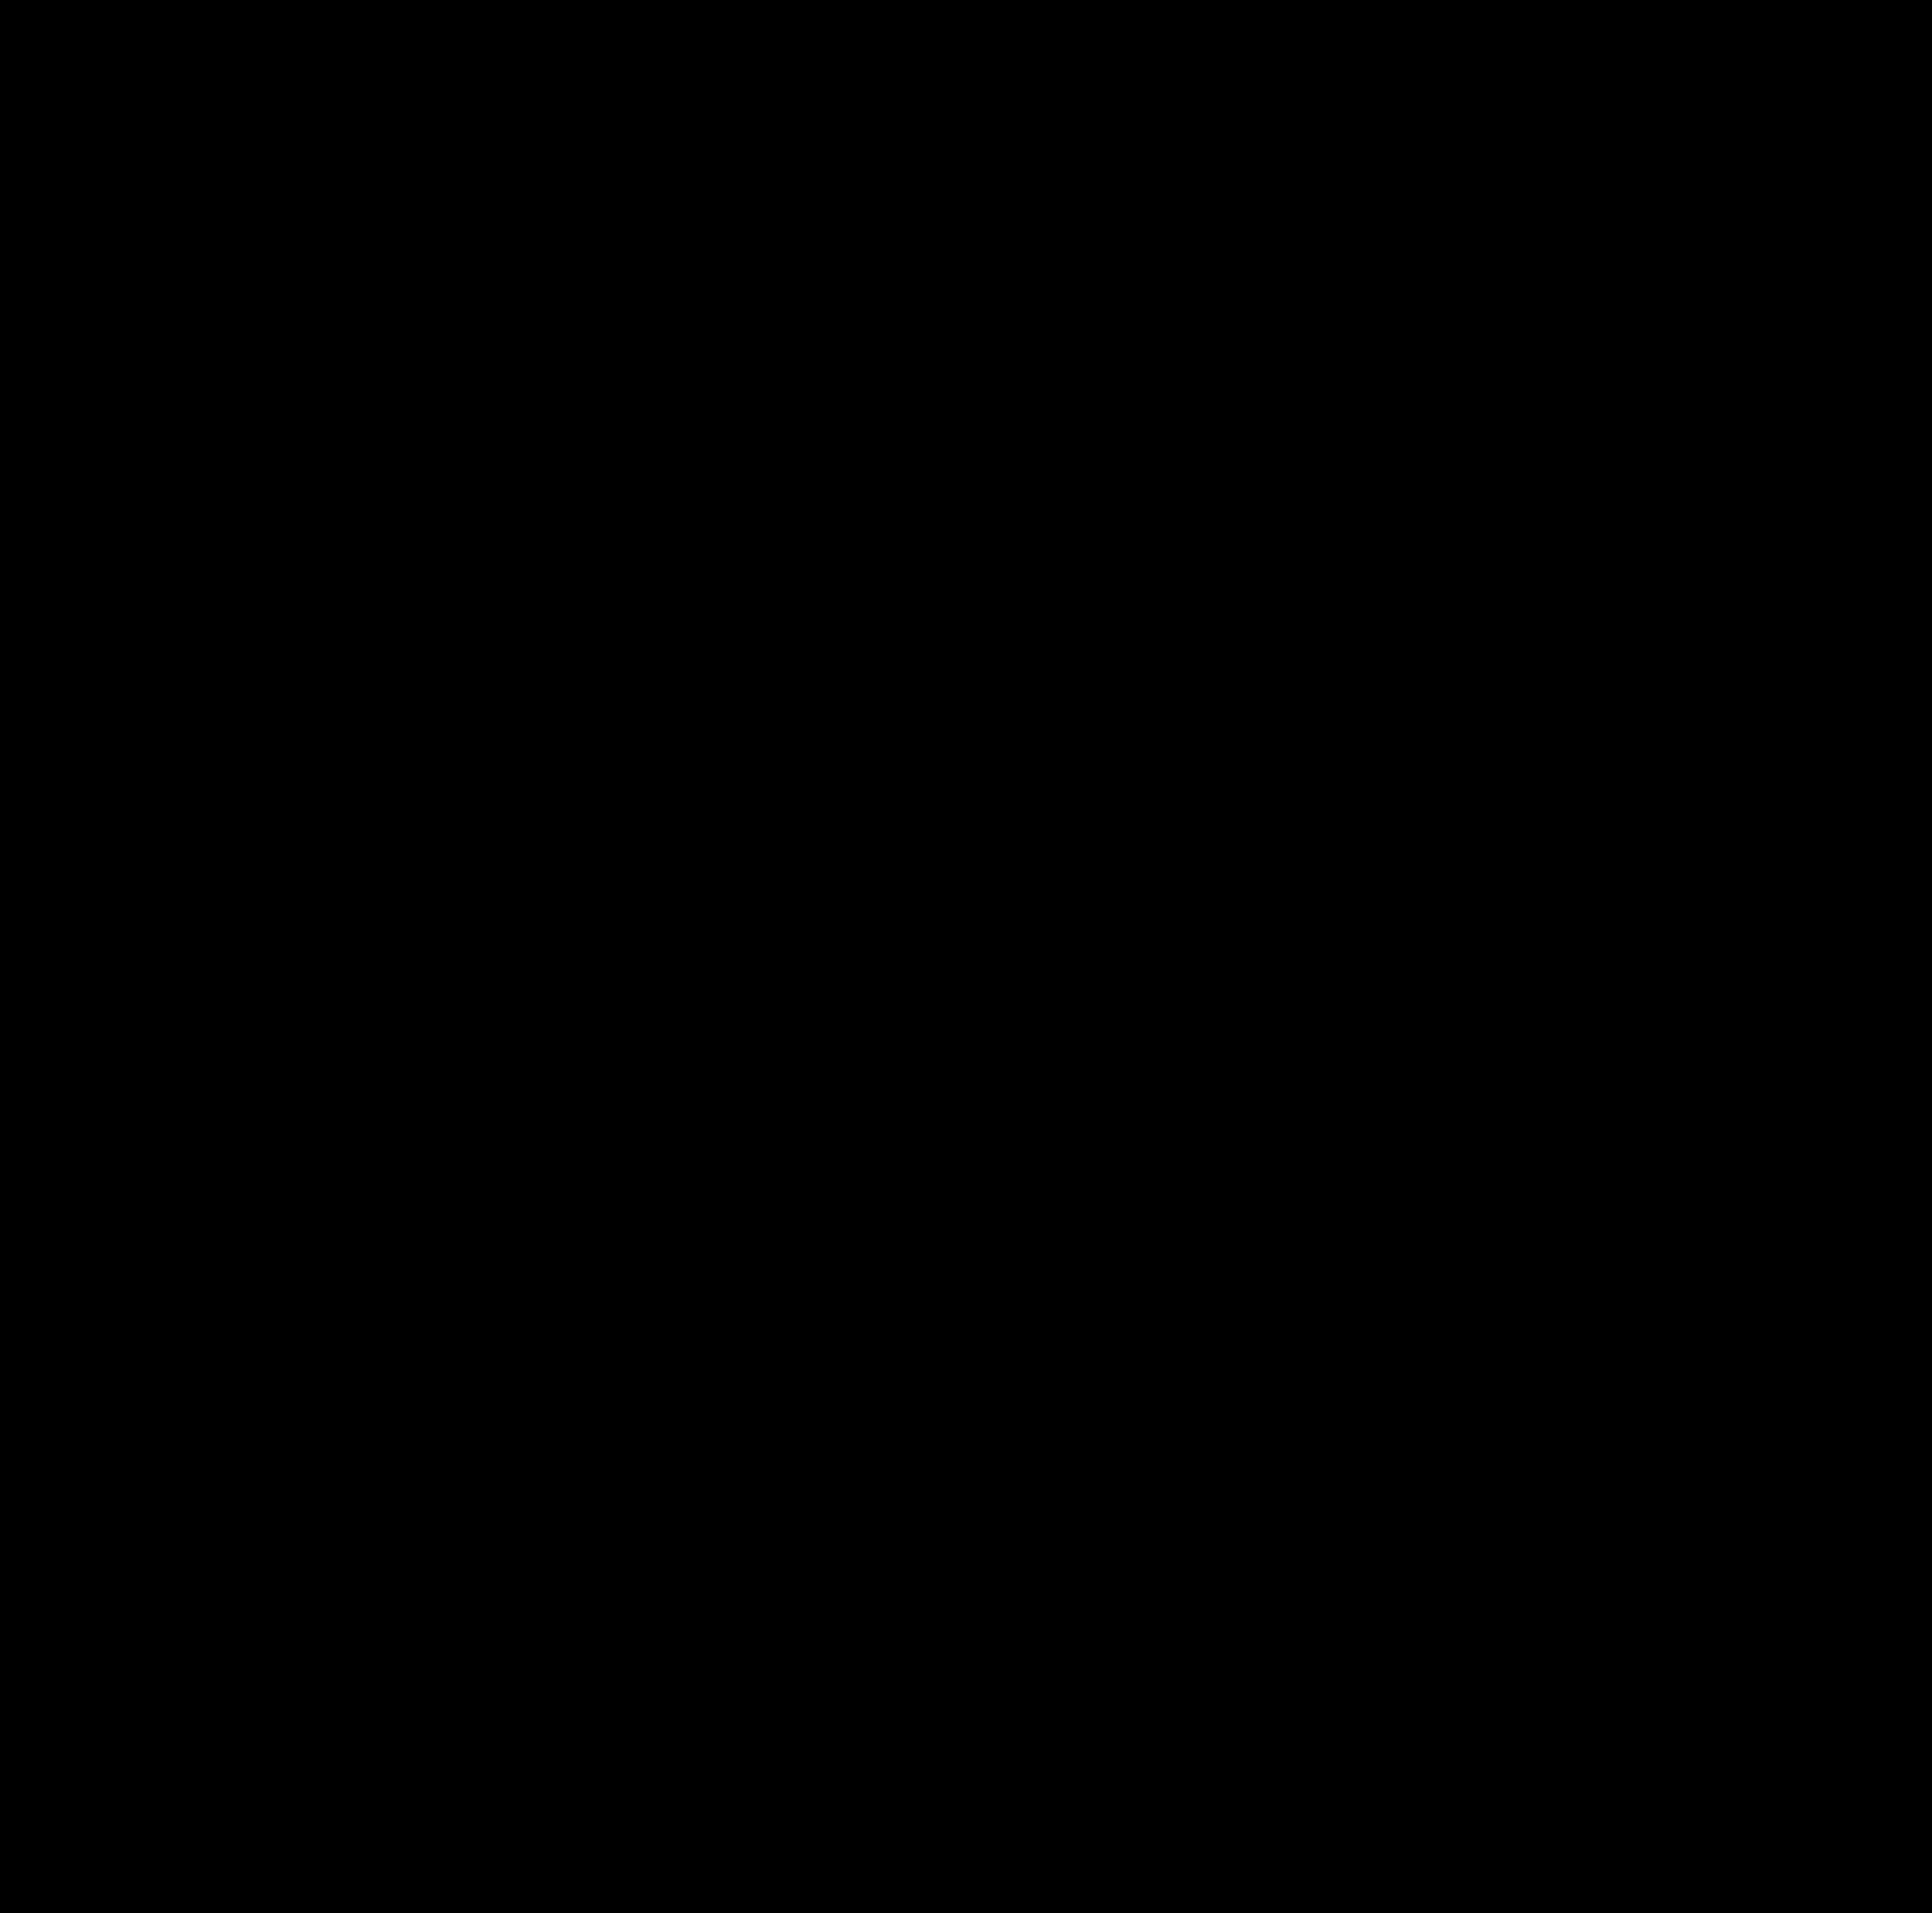 oeh uni wien logo